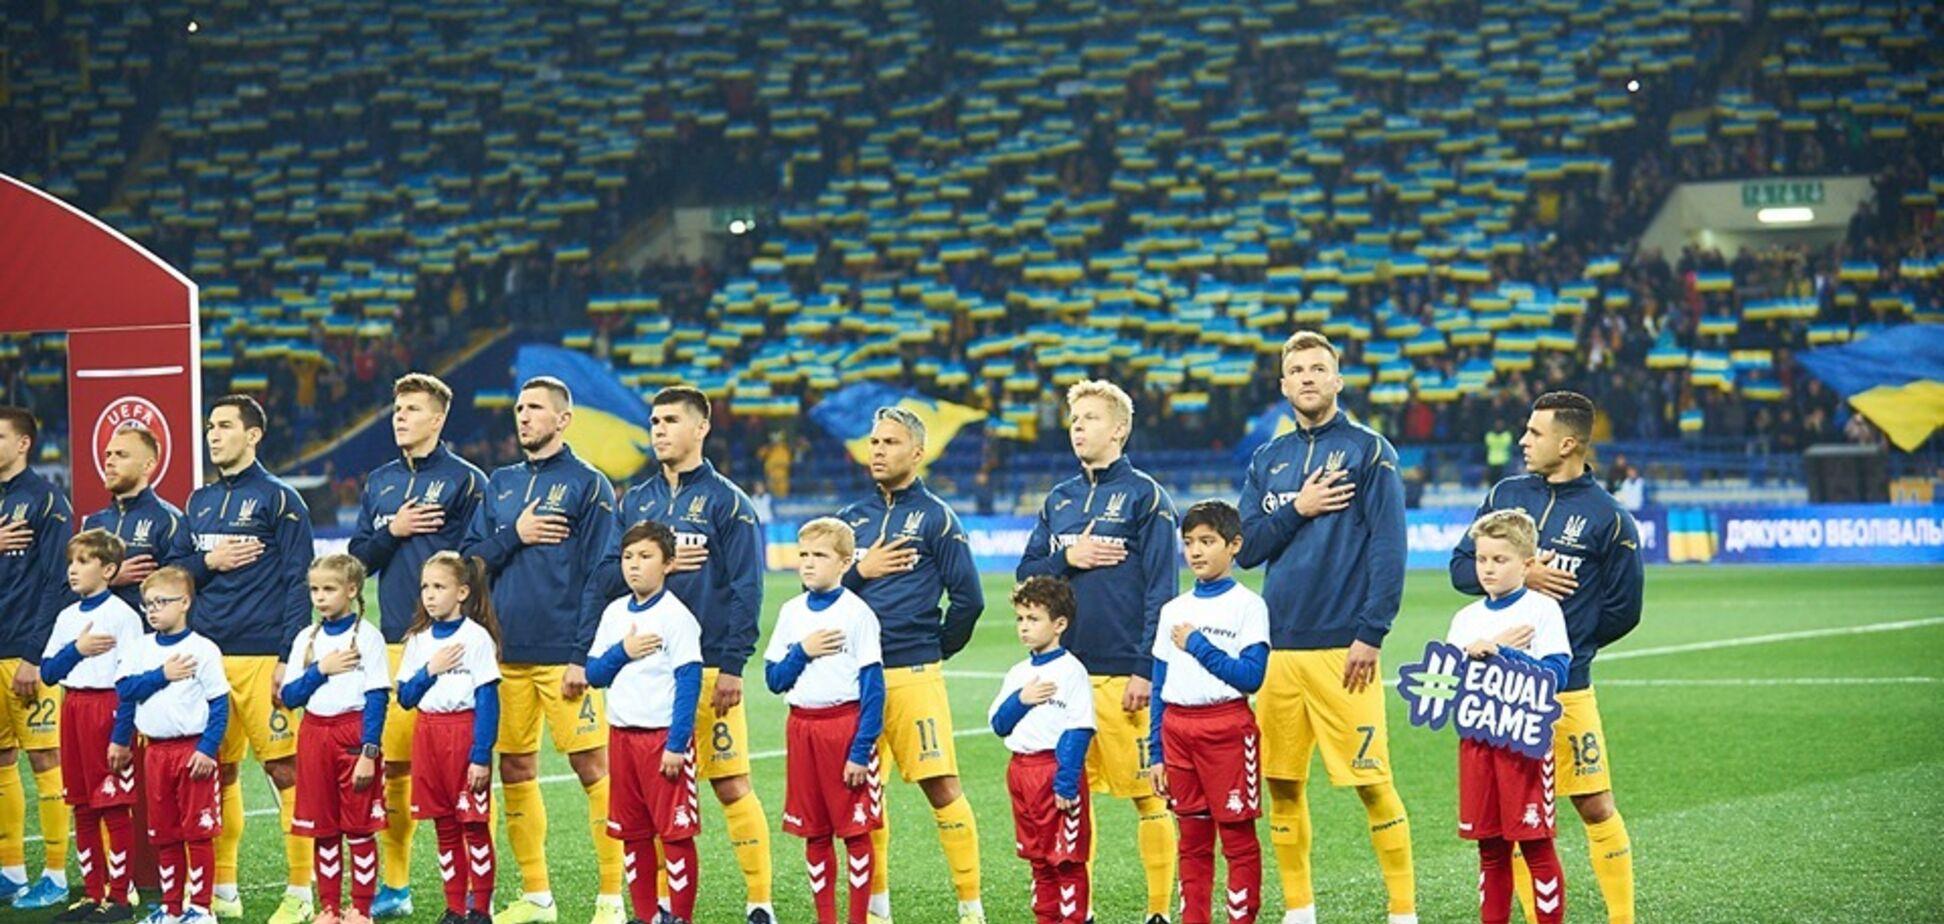 Стадион в Киеве невероятно исполнил гимн Украины на матче с Португалией